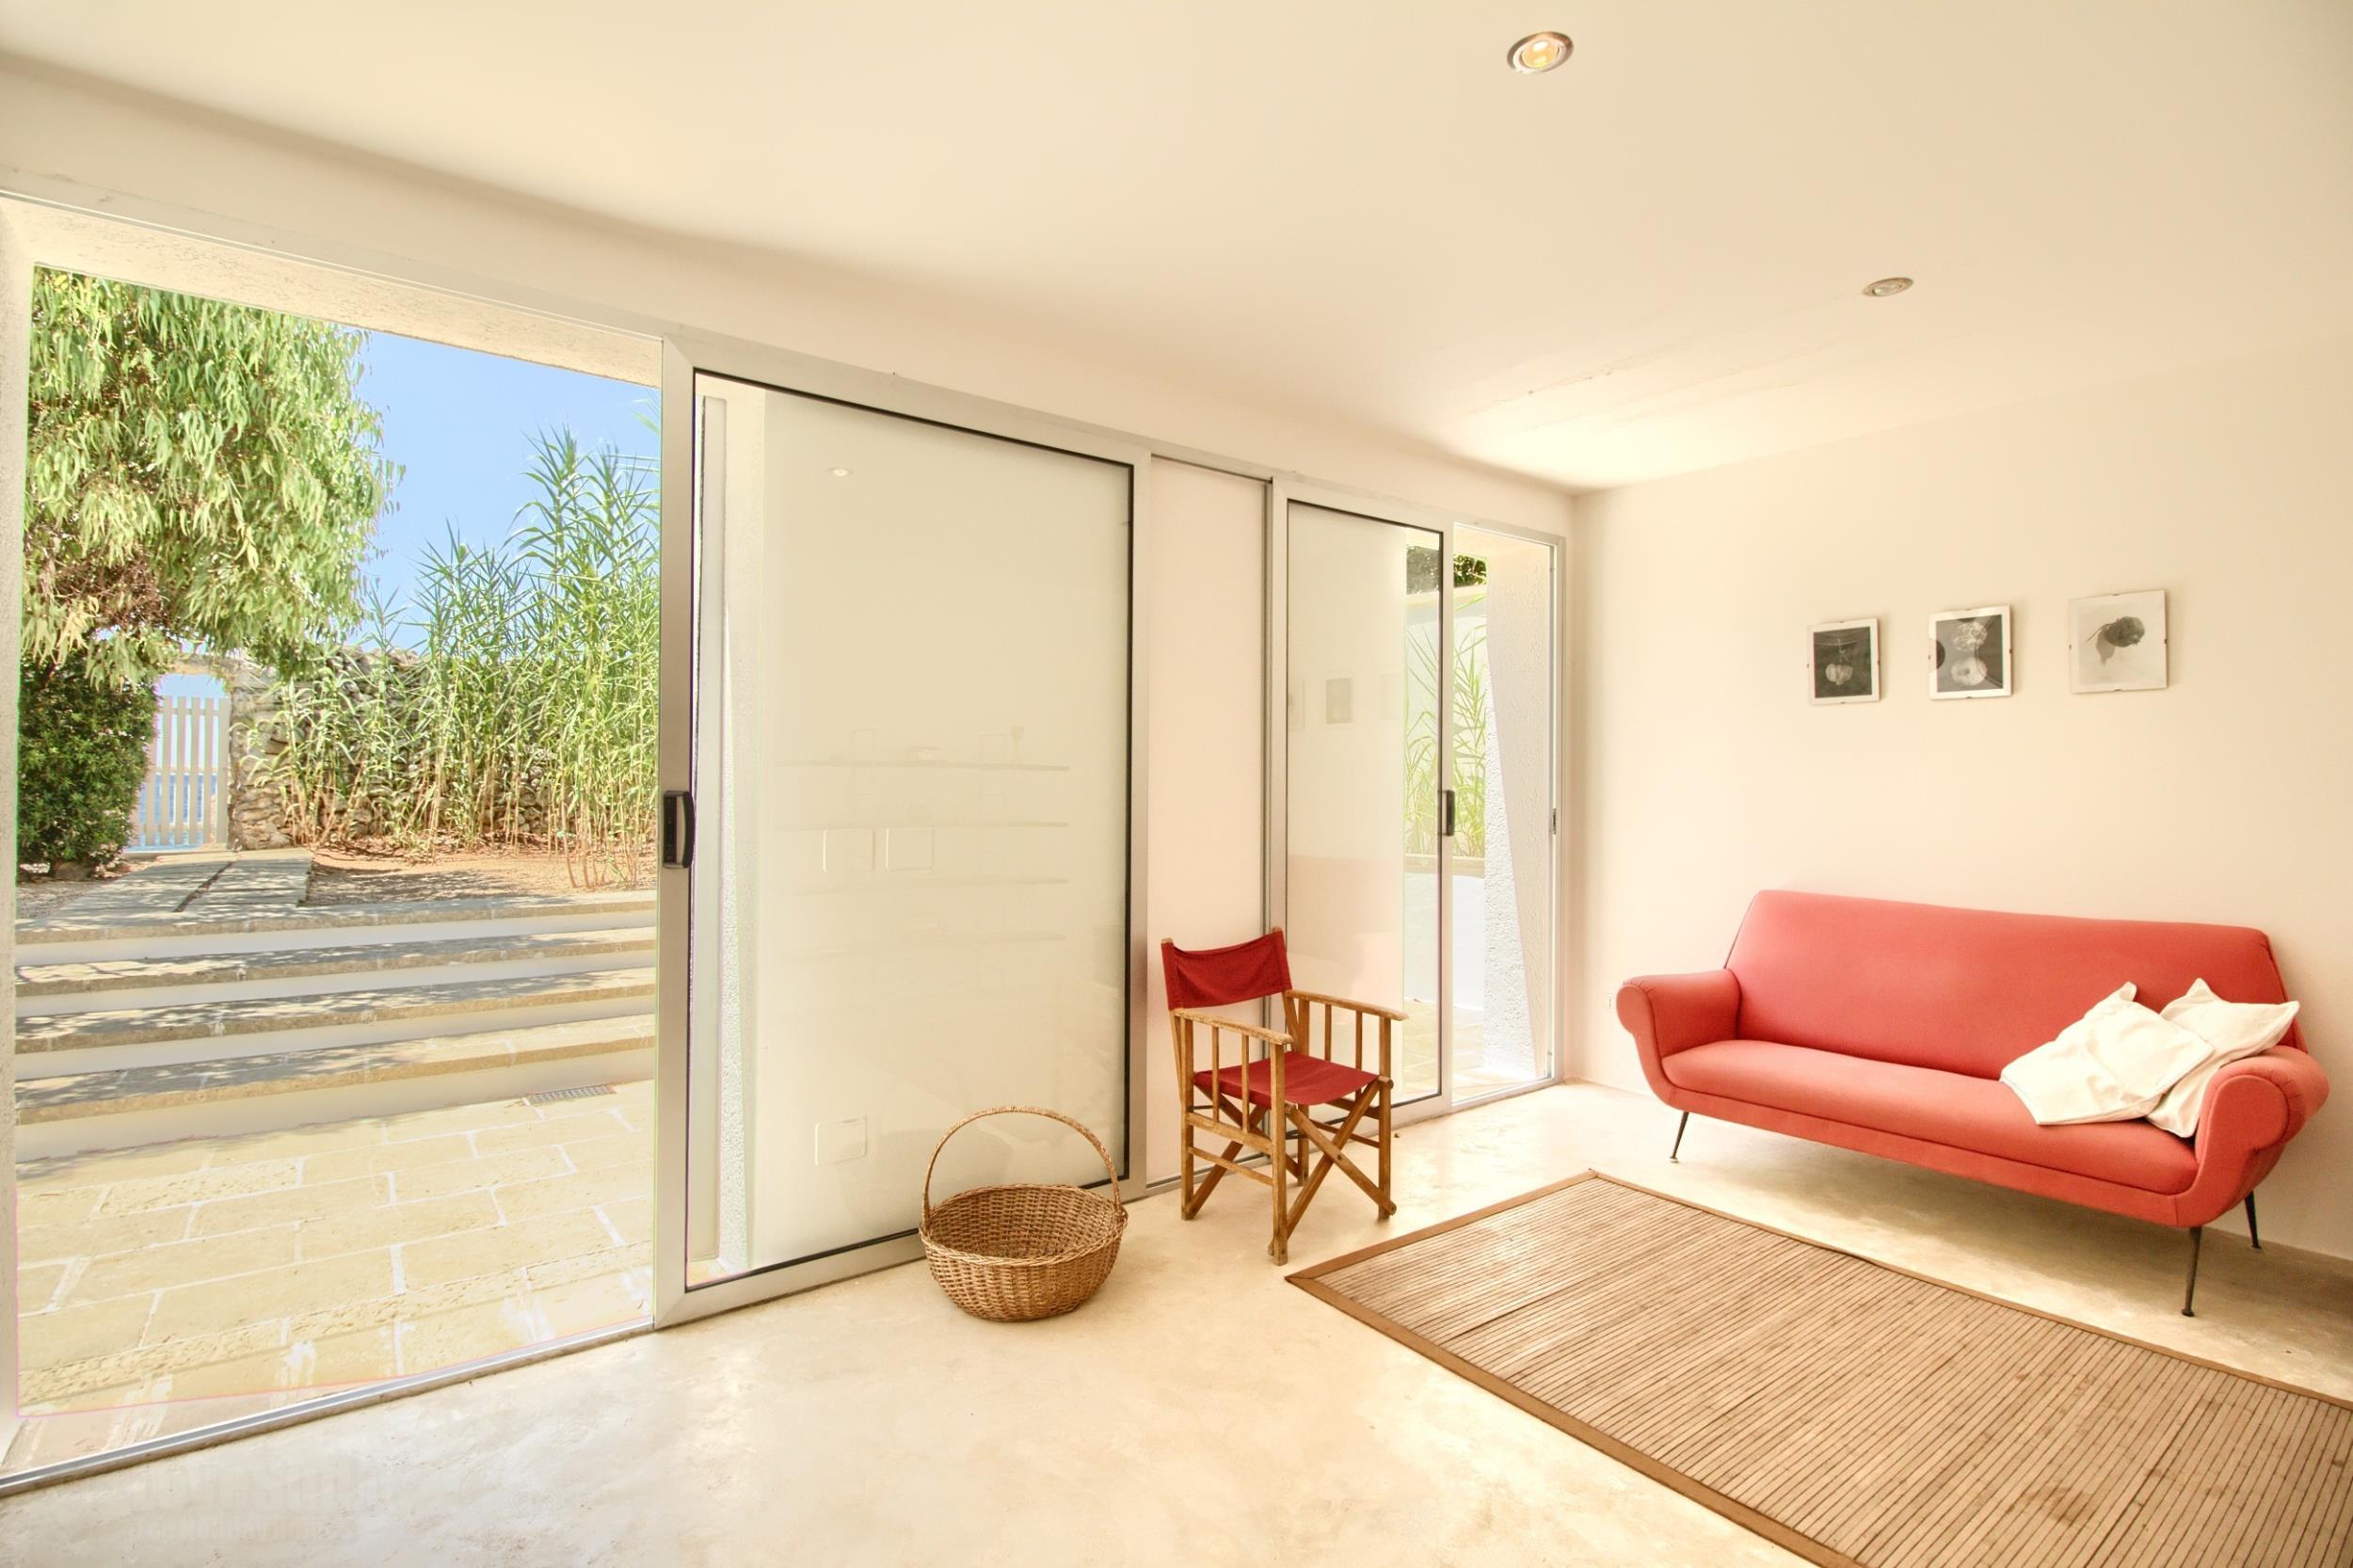 Apartment Rifugio private sea access photo 22514774